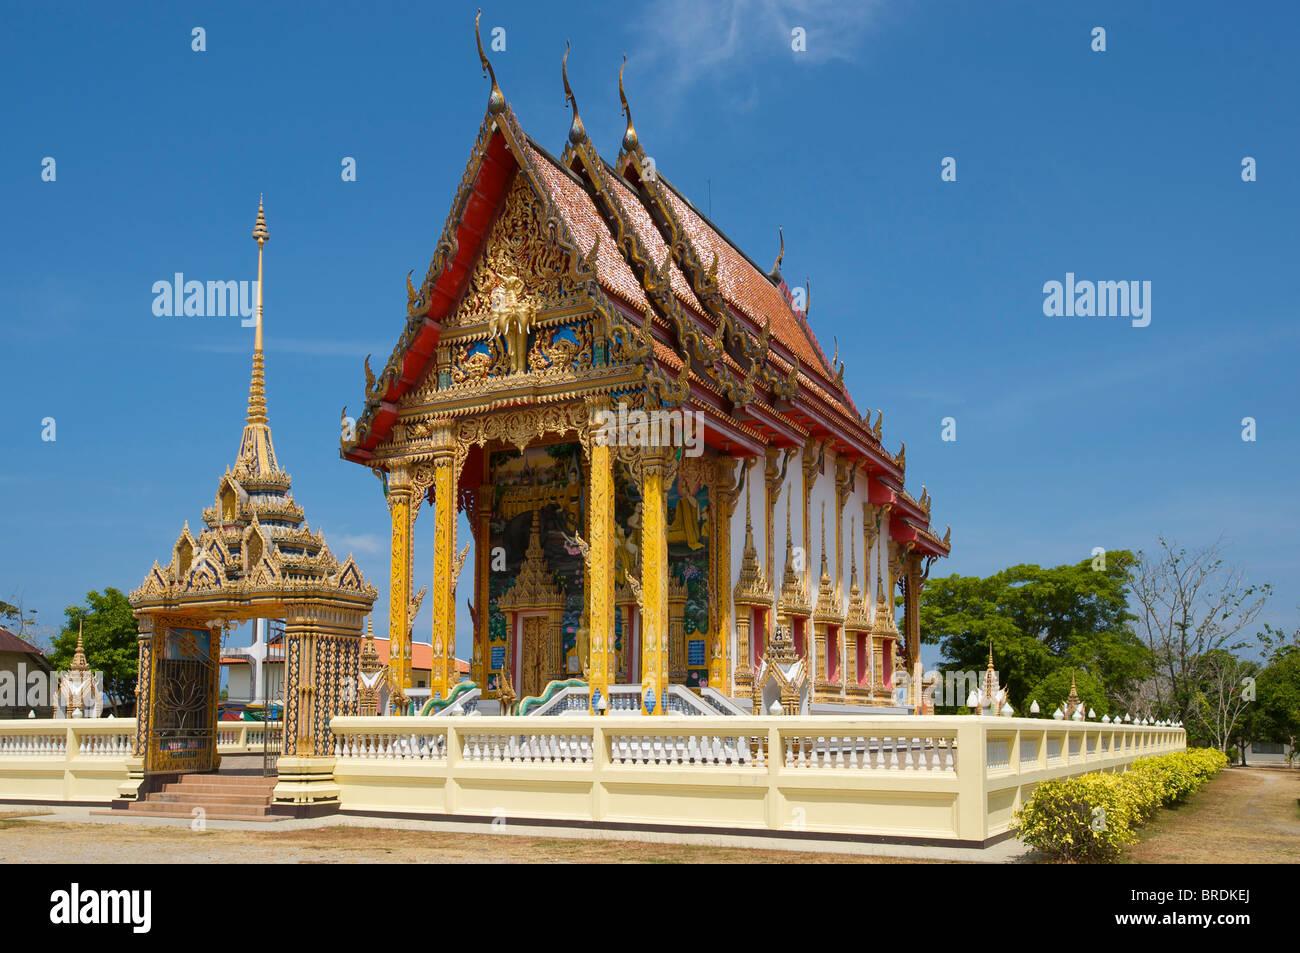 À proximité du Temple Choeng Thale, Thalang, Phuket, Thailand Banque D'Images